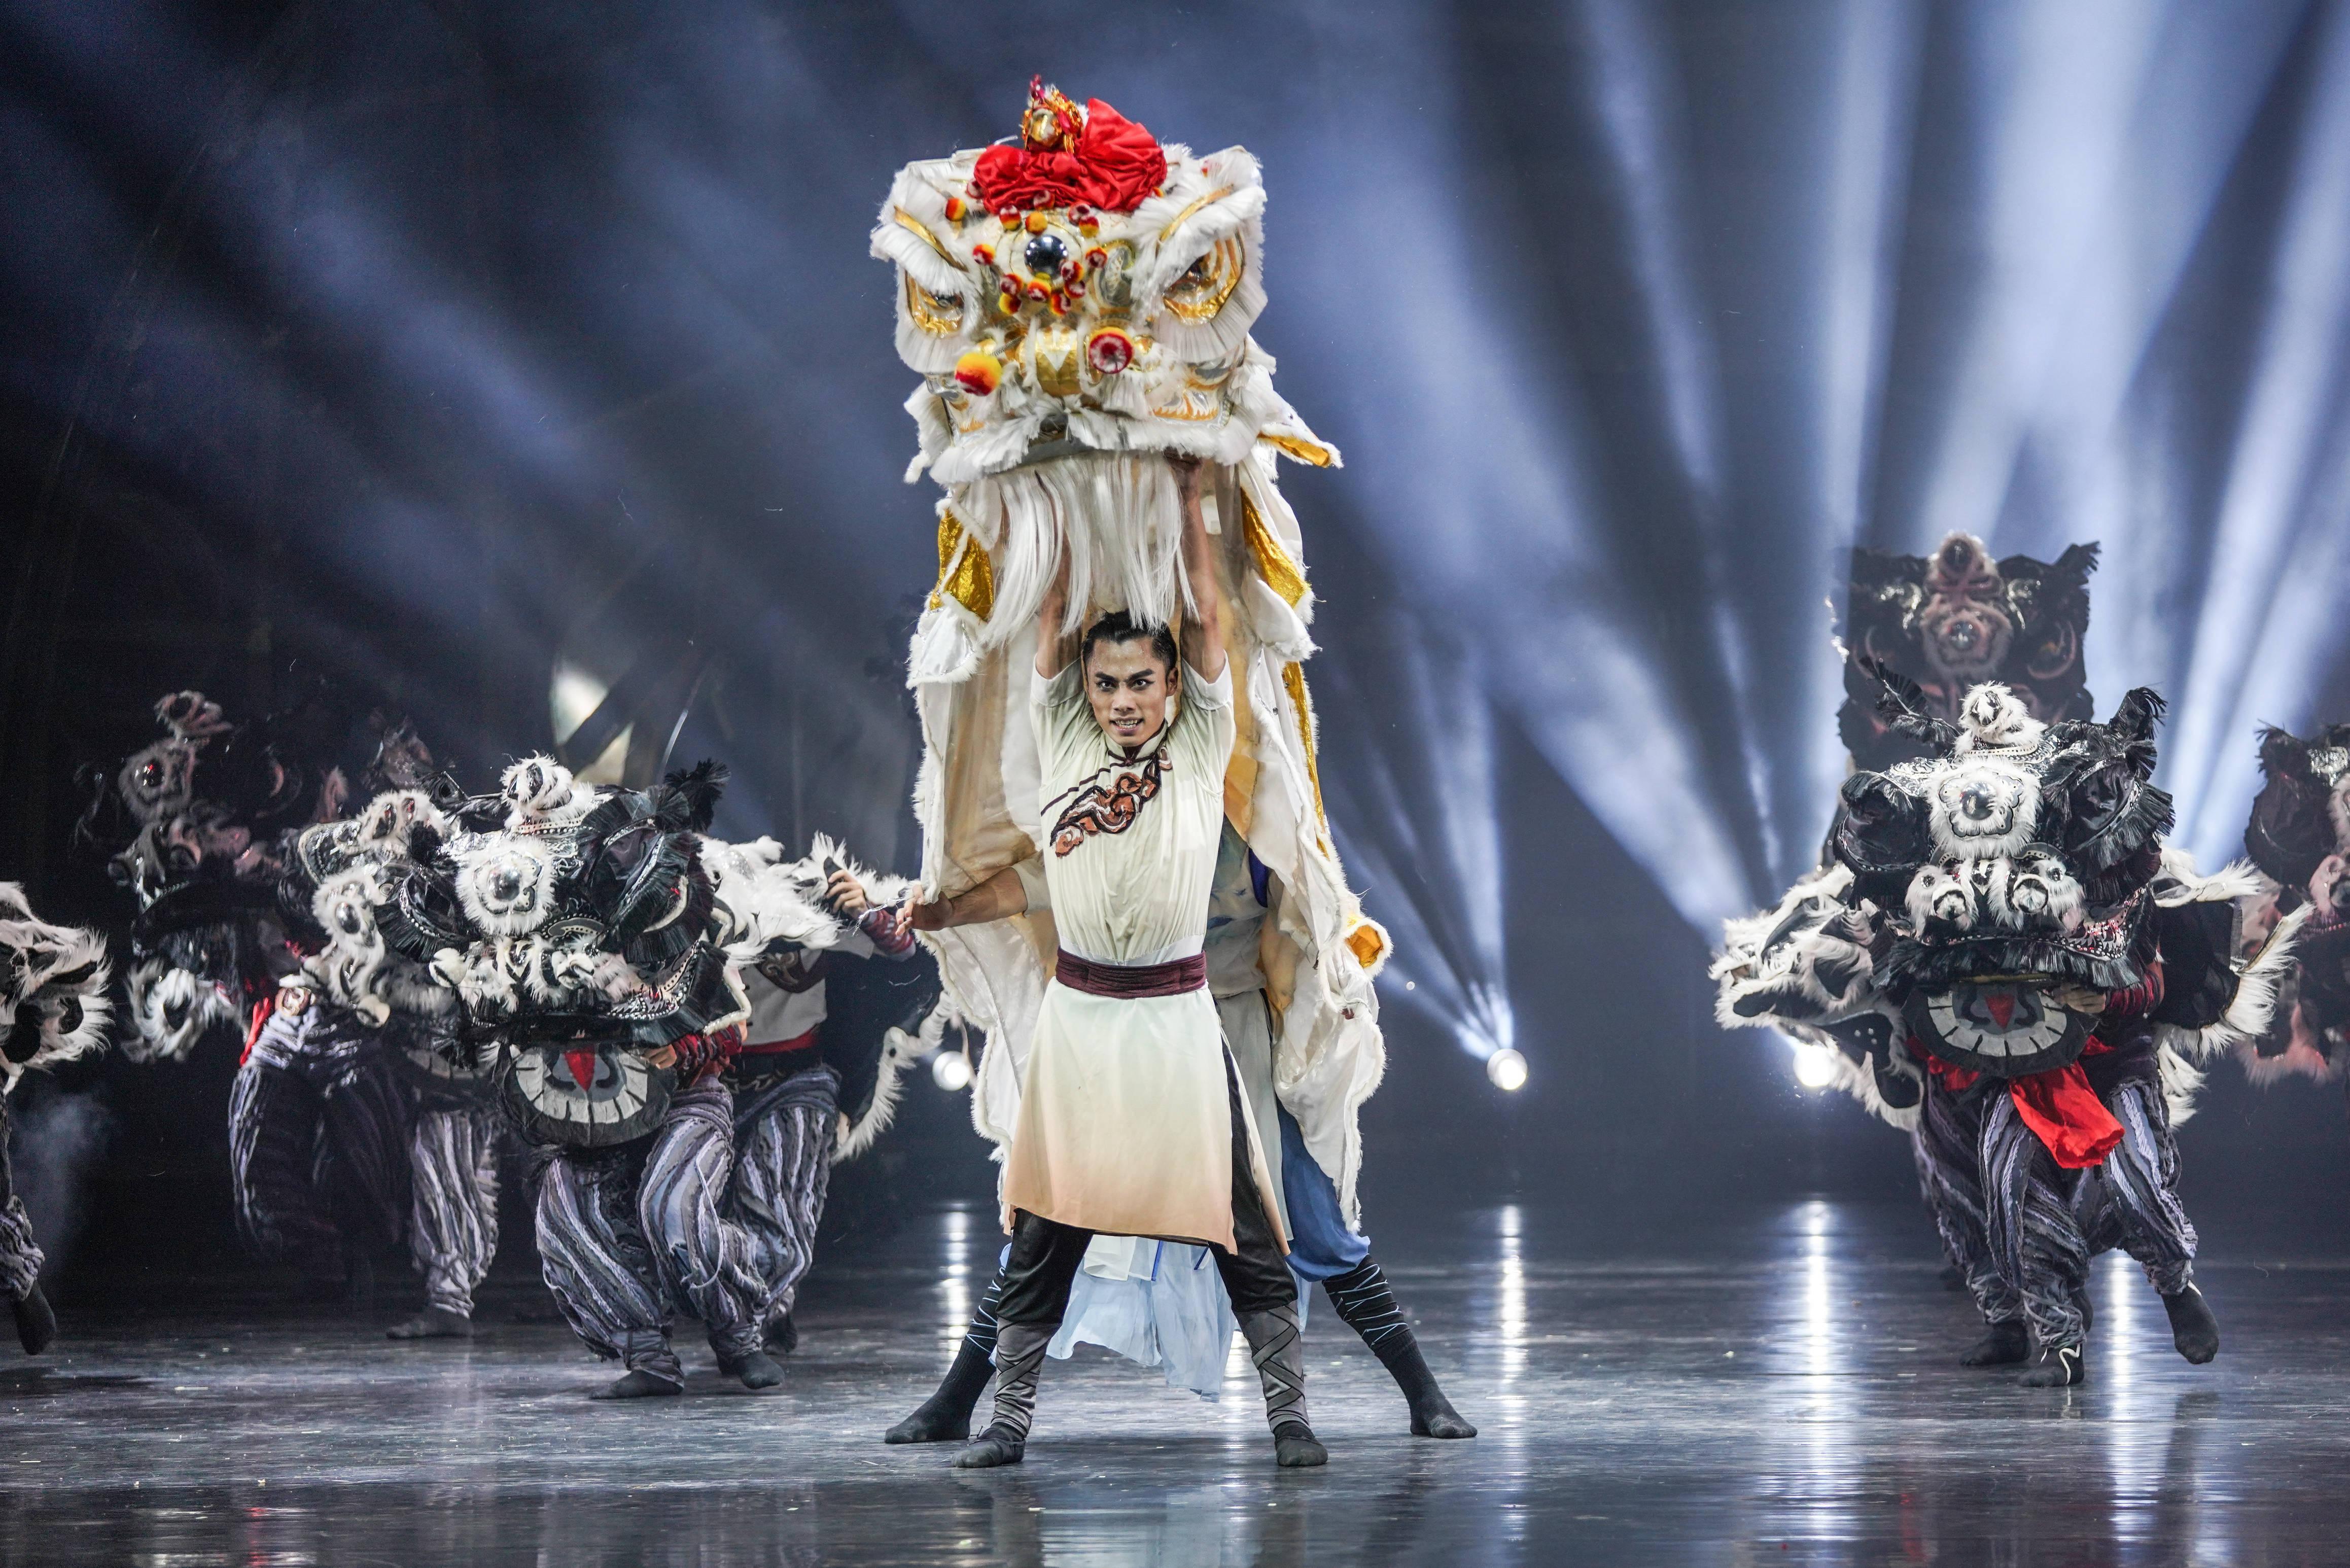 舞剧《醒·狮》将亮相国家大剧院,狮头用现代审美重作解构